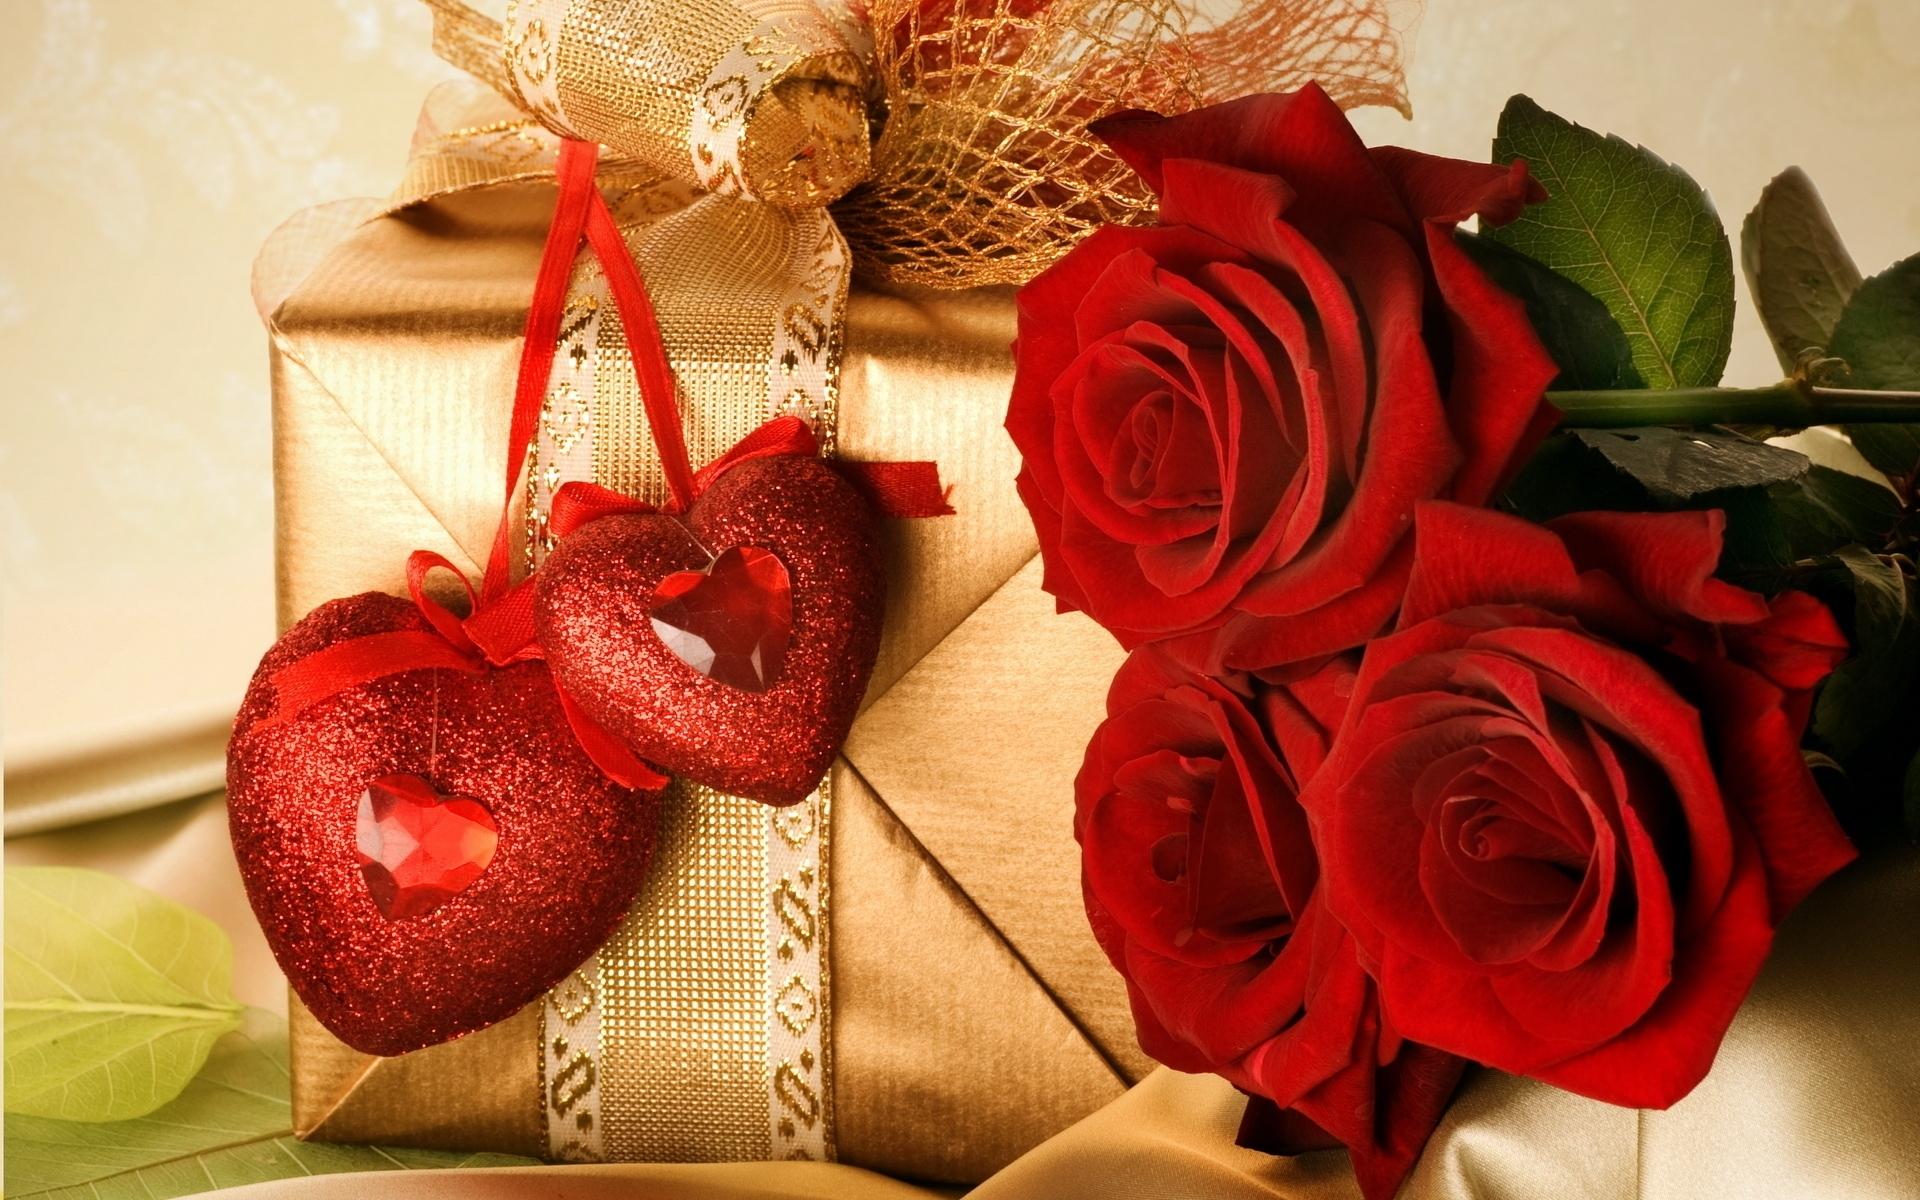 48715 скачать обои Растения, Цветы, Розы, Сердца, Объекты, Любовь - заставки и картинки бесплатно